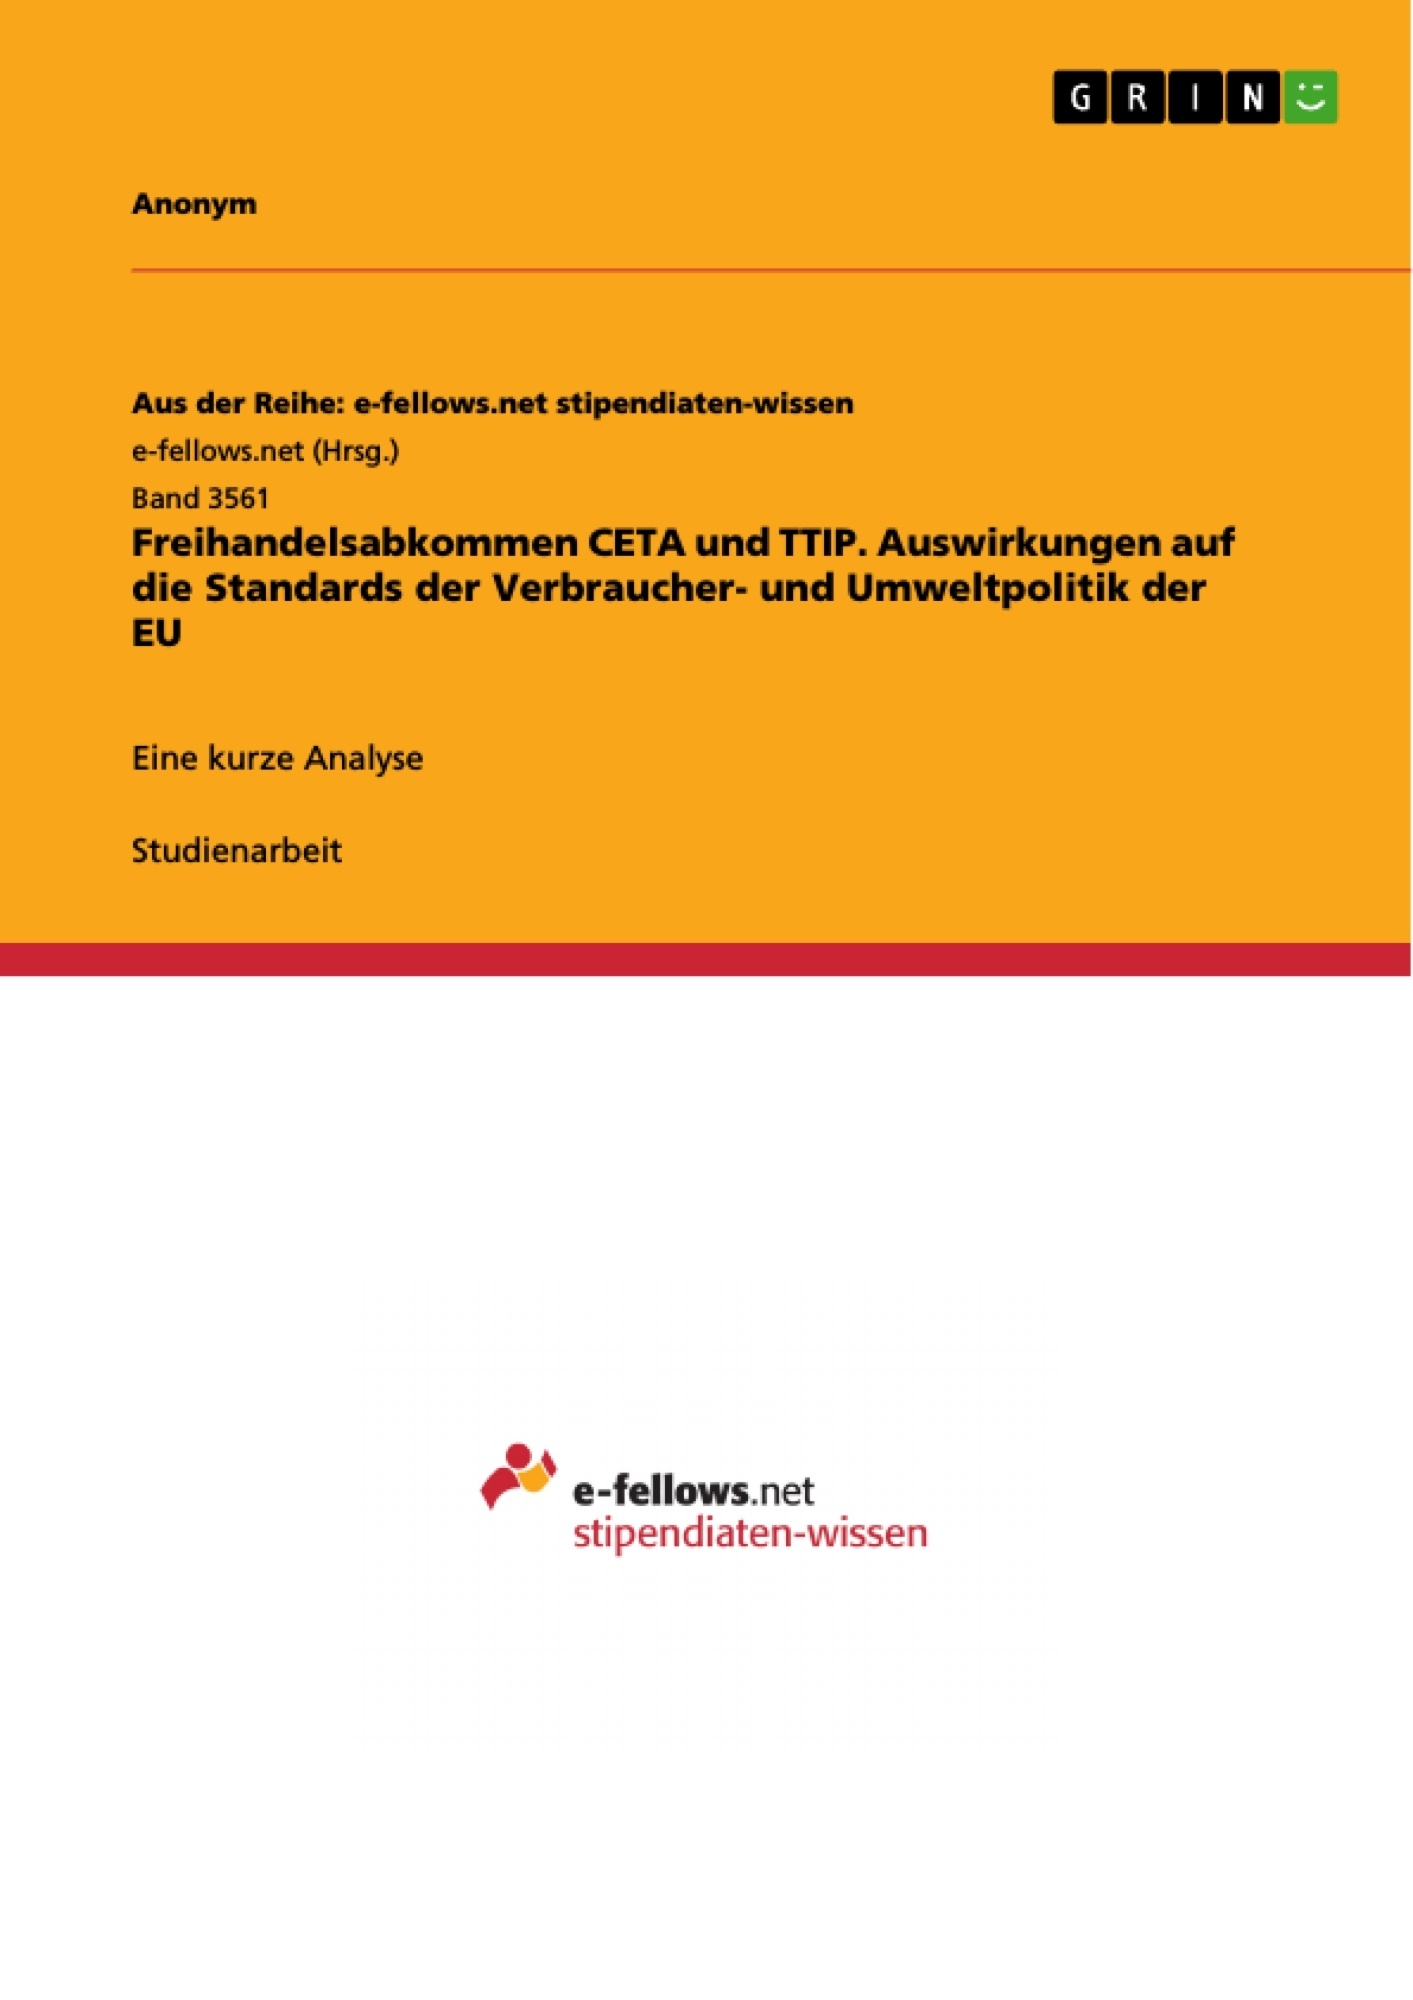 Titel: Freihandelsabkommen CETA und TTIP. Auswirkungen auf die Standards der Verbraucher- und Umweltpolitik der EU